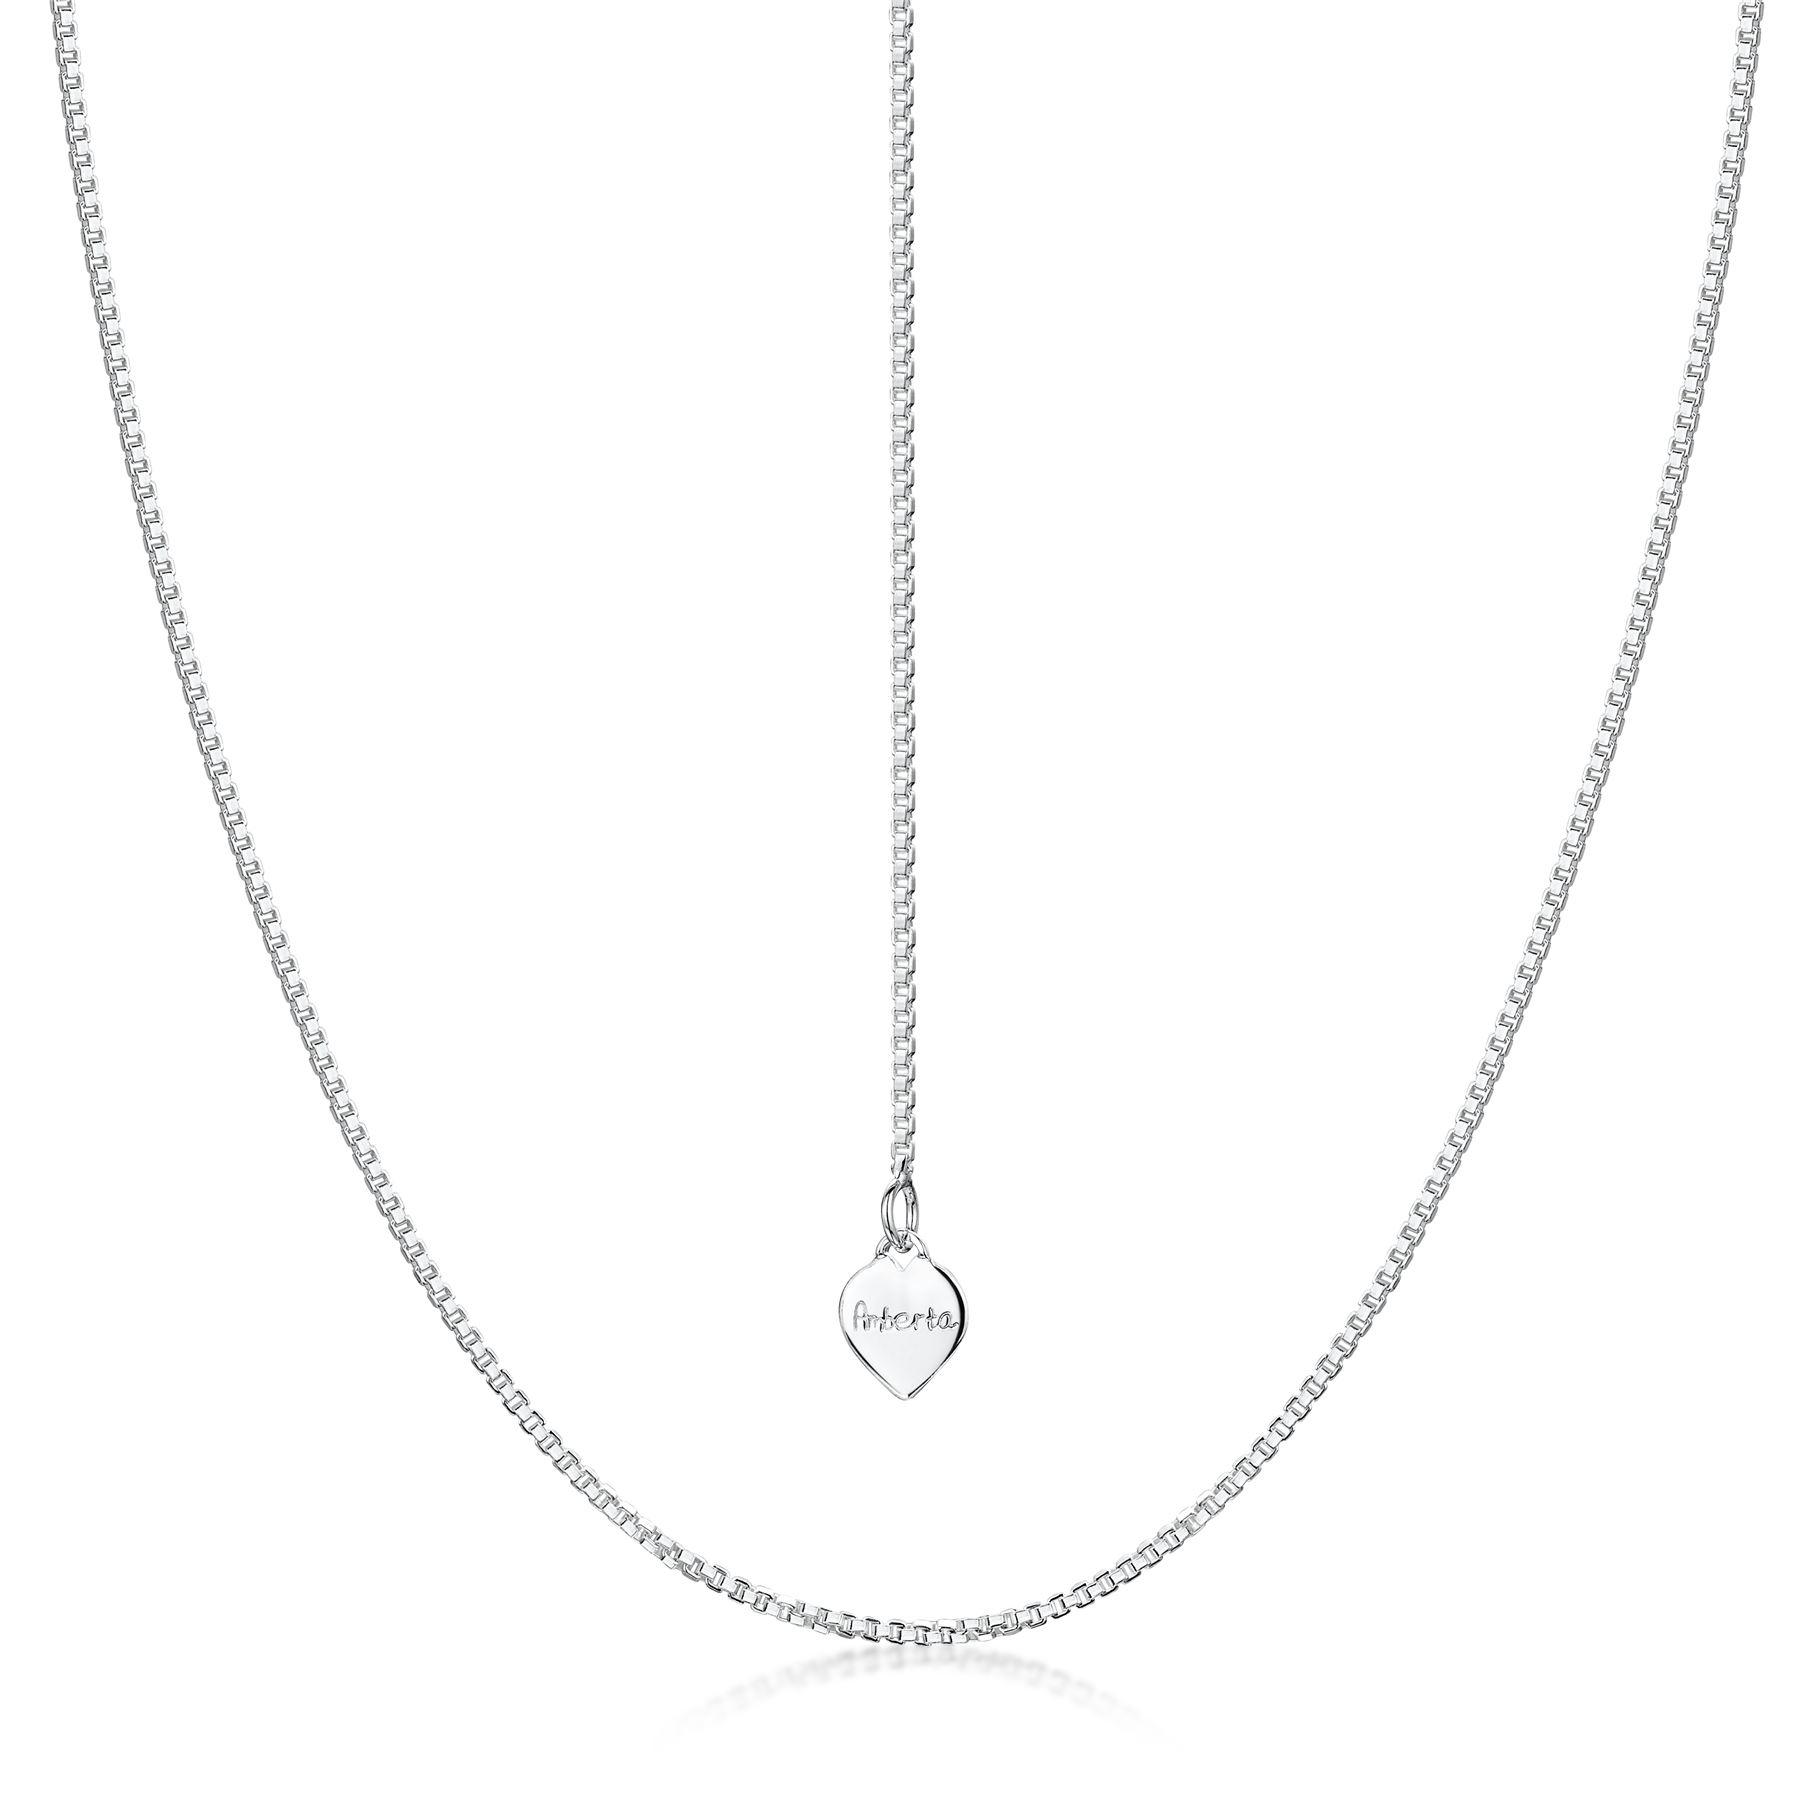 Amberta-Collar-en-Fina-Plata-de-Ley-925-Cadena-de-Corazon-Ajustable-para-Mujer miniatura 8